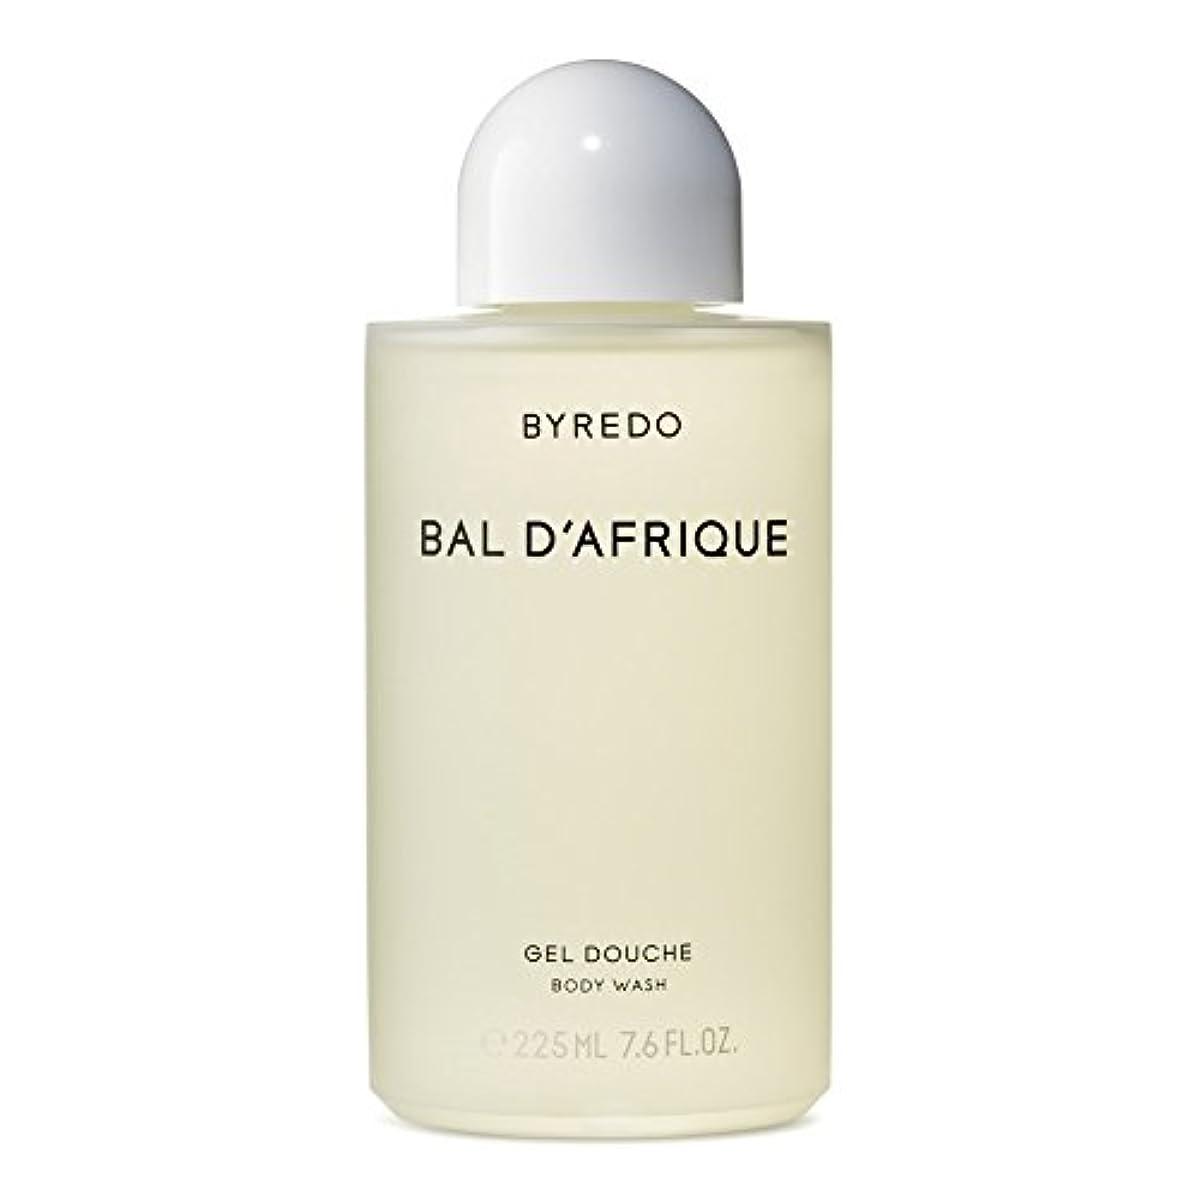 出版ジェスチャーラリーByredo Bal d'Afrique Body Wash 225ml - 'のボディウォッシュ225ミリリットル [並行輸入品]